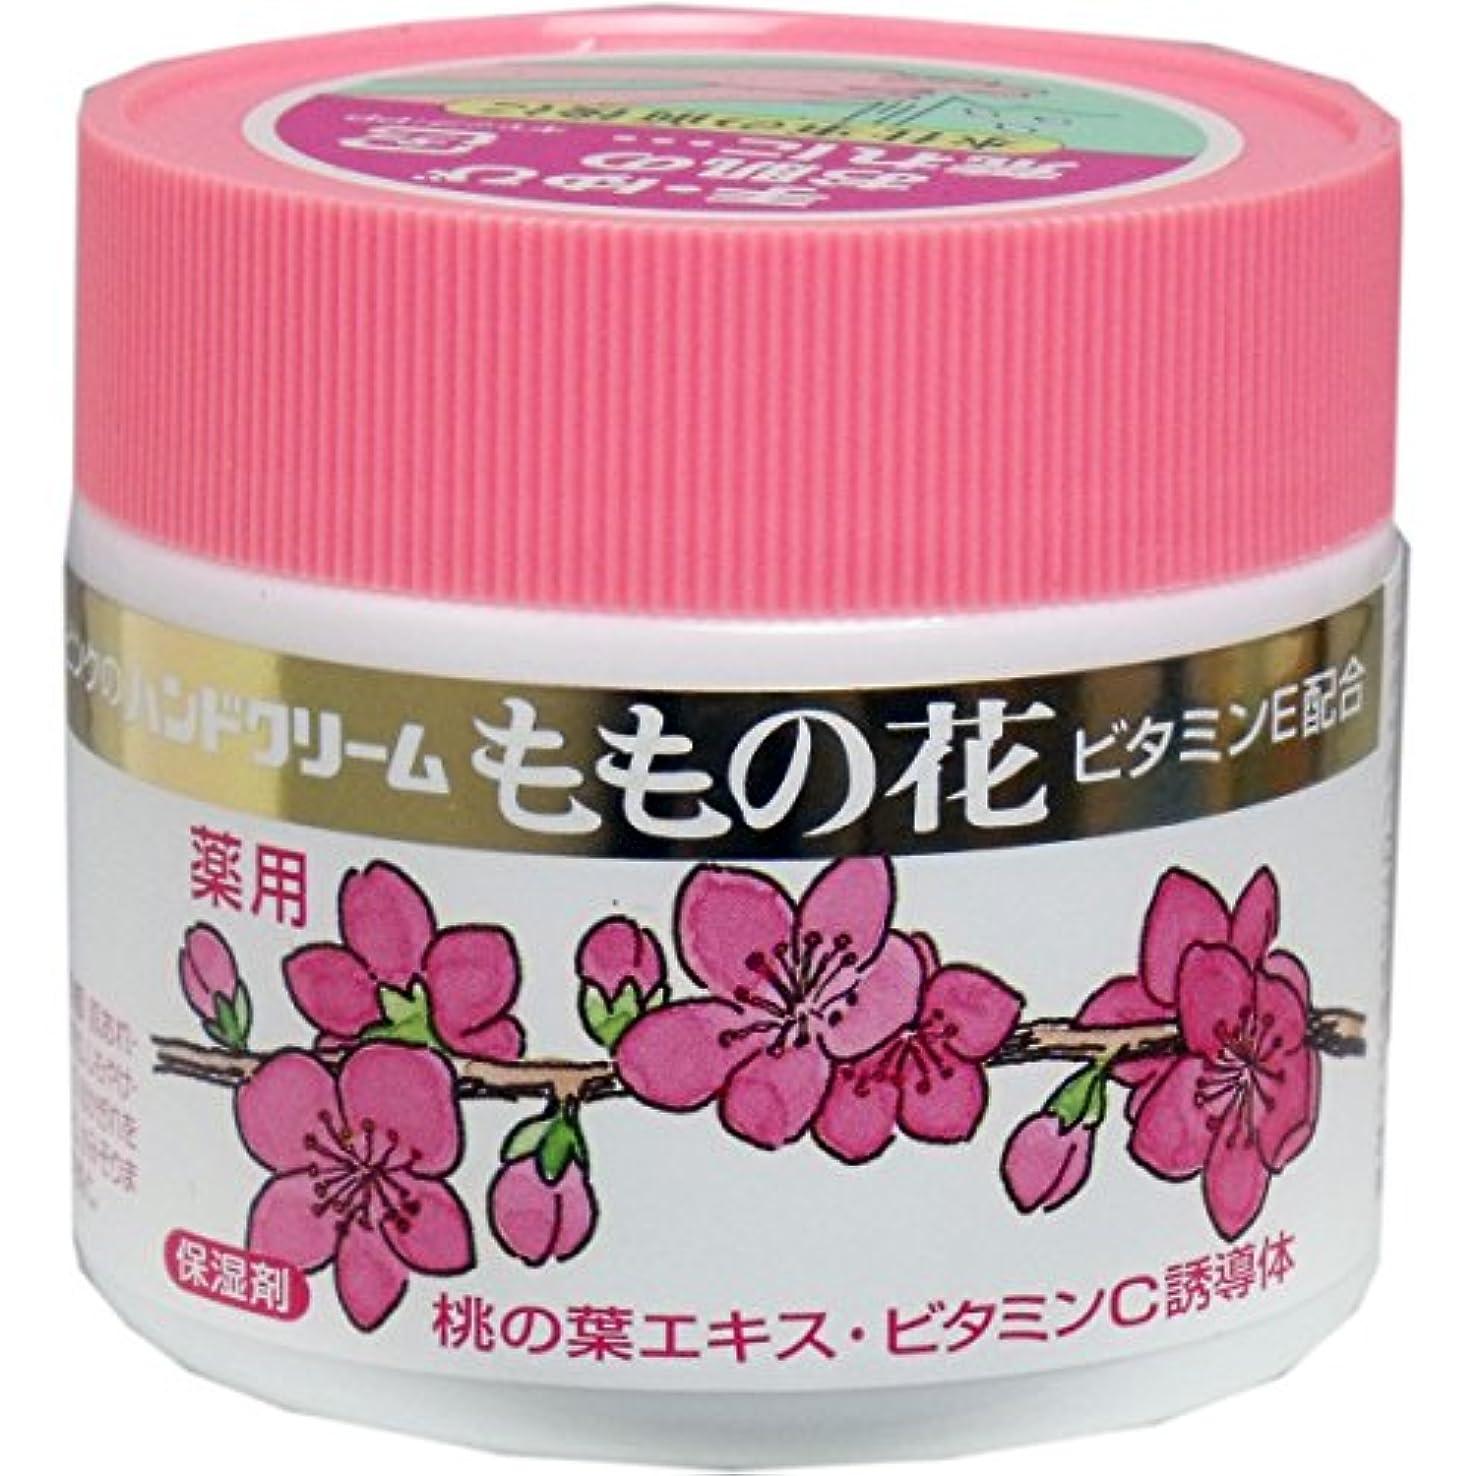 流カーフリーオリヂナル 薬用ハンドクリーム ももの花